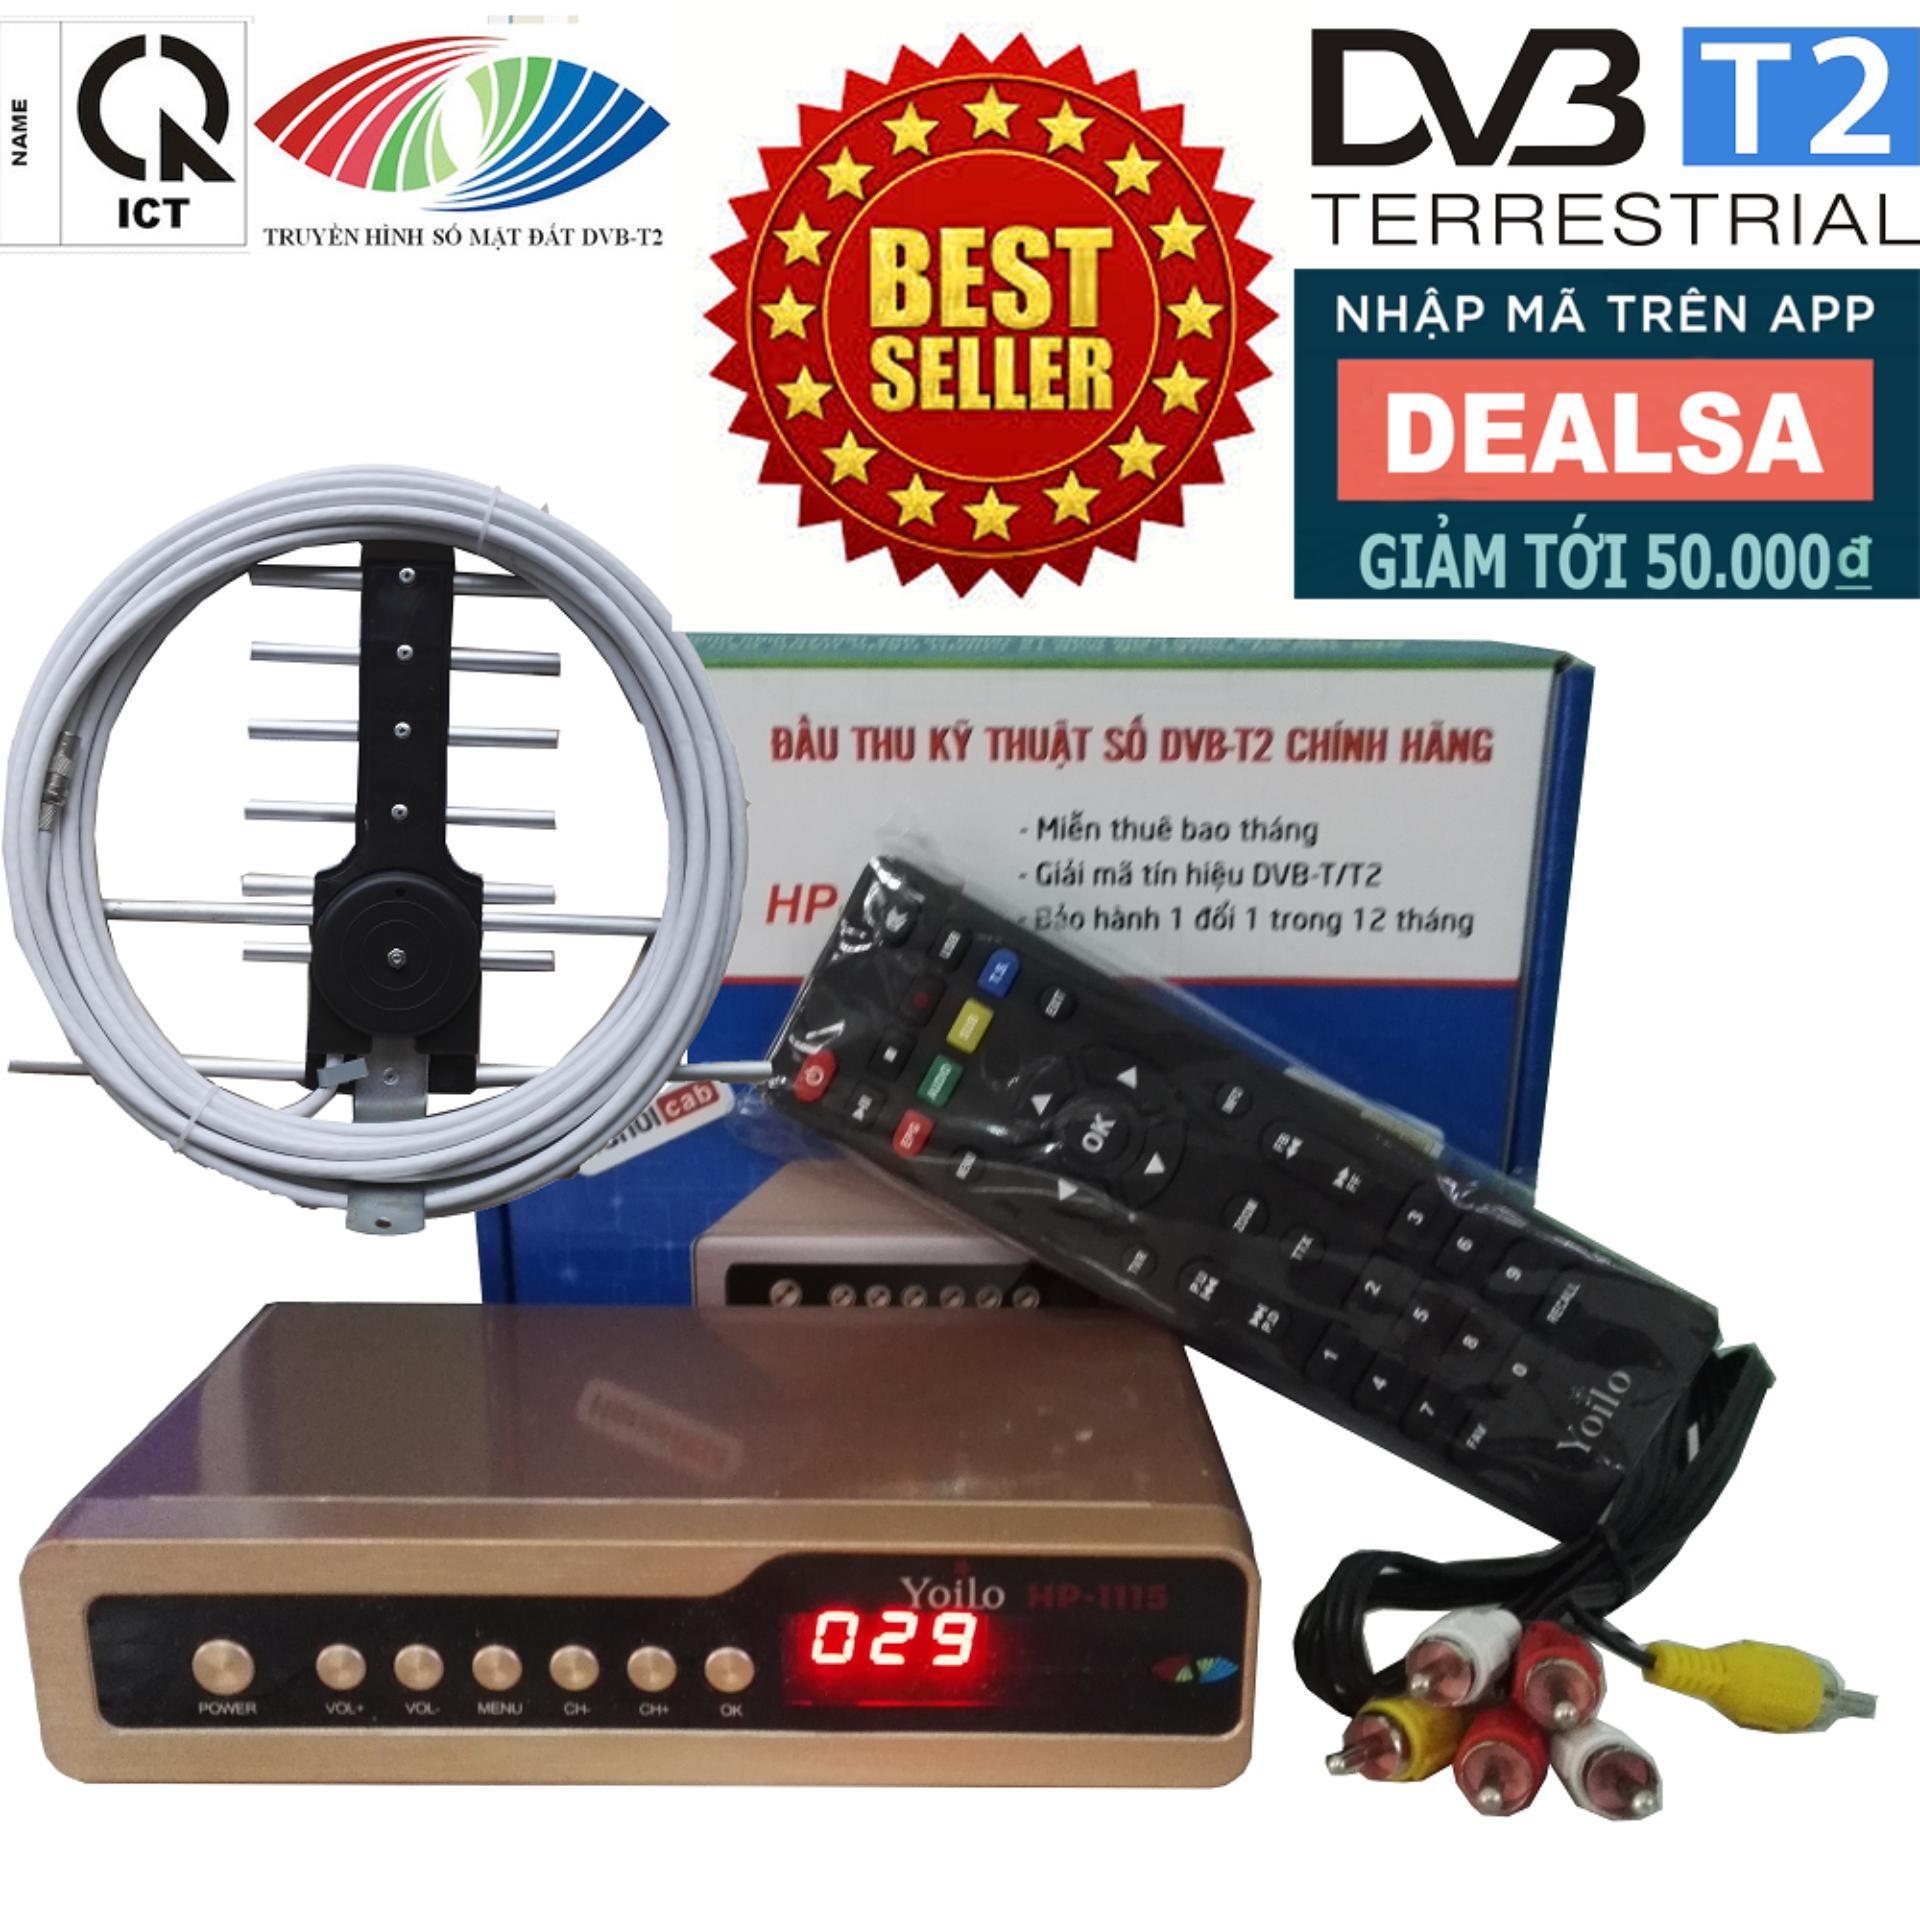 Hình ảnh Đầu thu kỹ thuật số SET TOP BOX DVB-T2/HP-1115 kèm Bộ Anten Thông Minh, Dây Cáp và Jack Nối